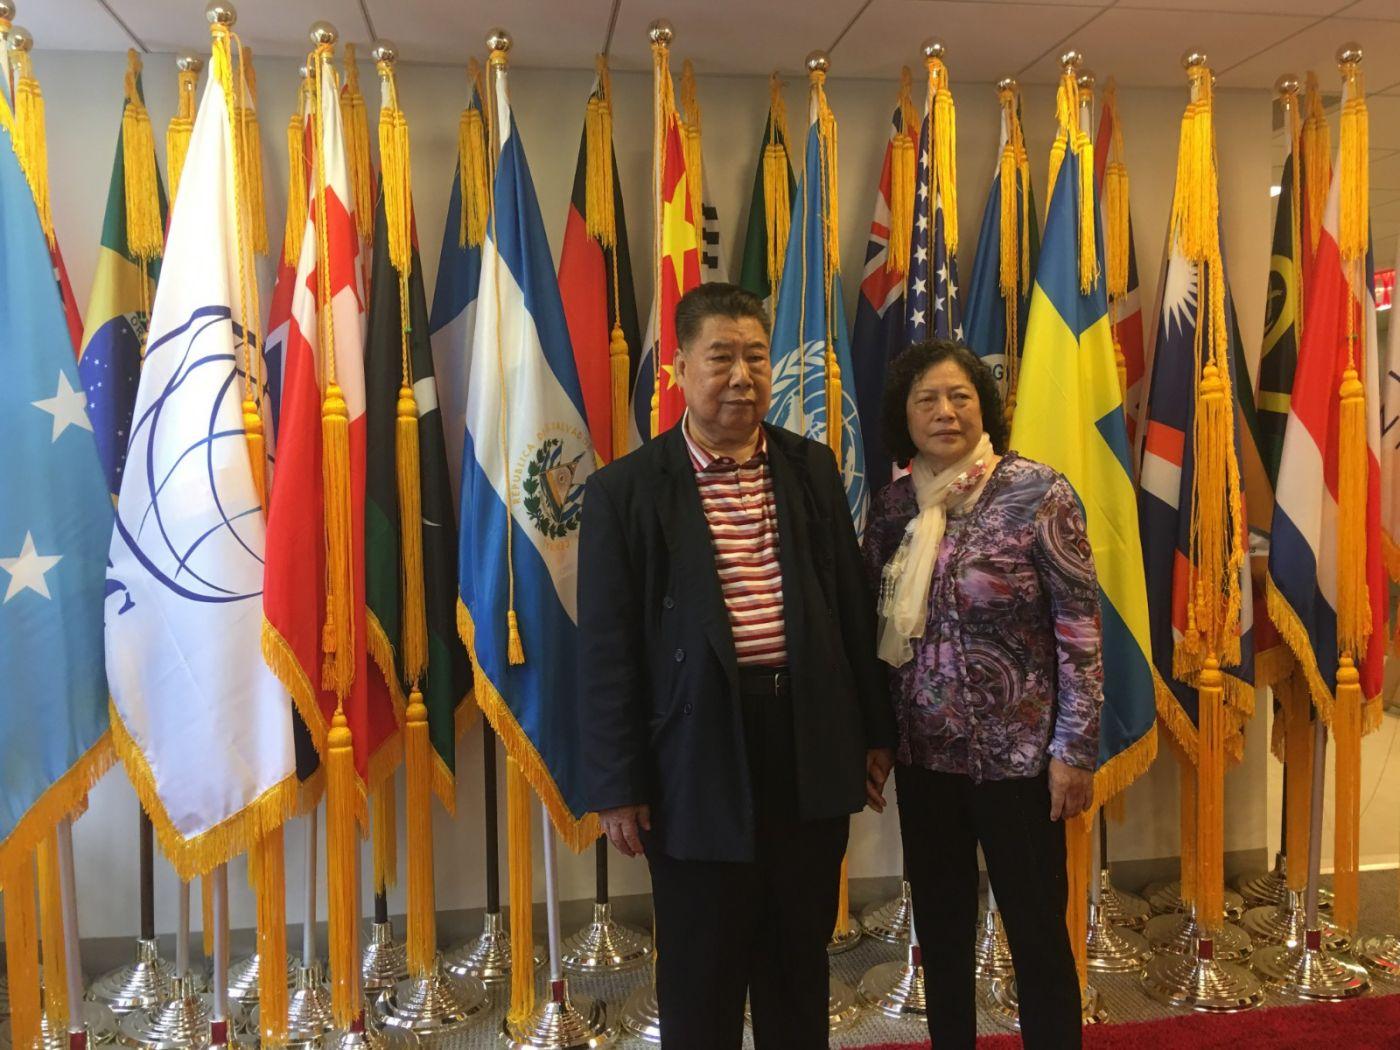 聯合國中華媽祖文化發展基金會受邀参加聯合國納尔遜.曼德拉国际日的一系列活动 ..._图1-3